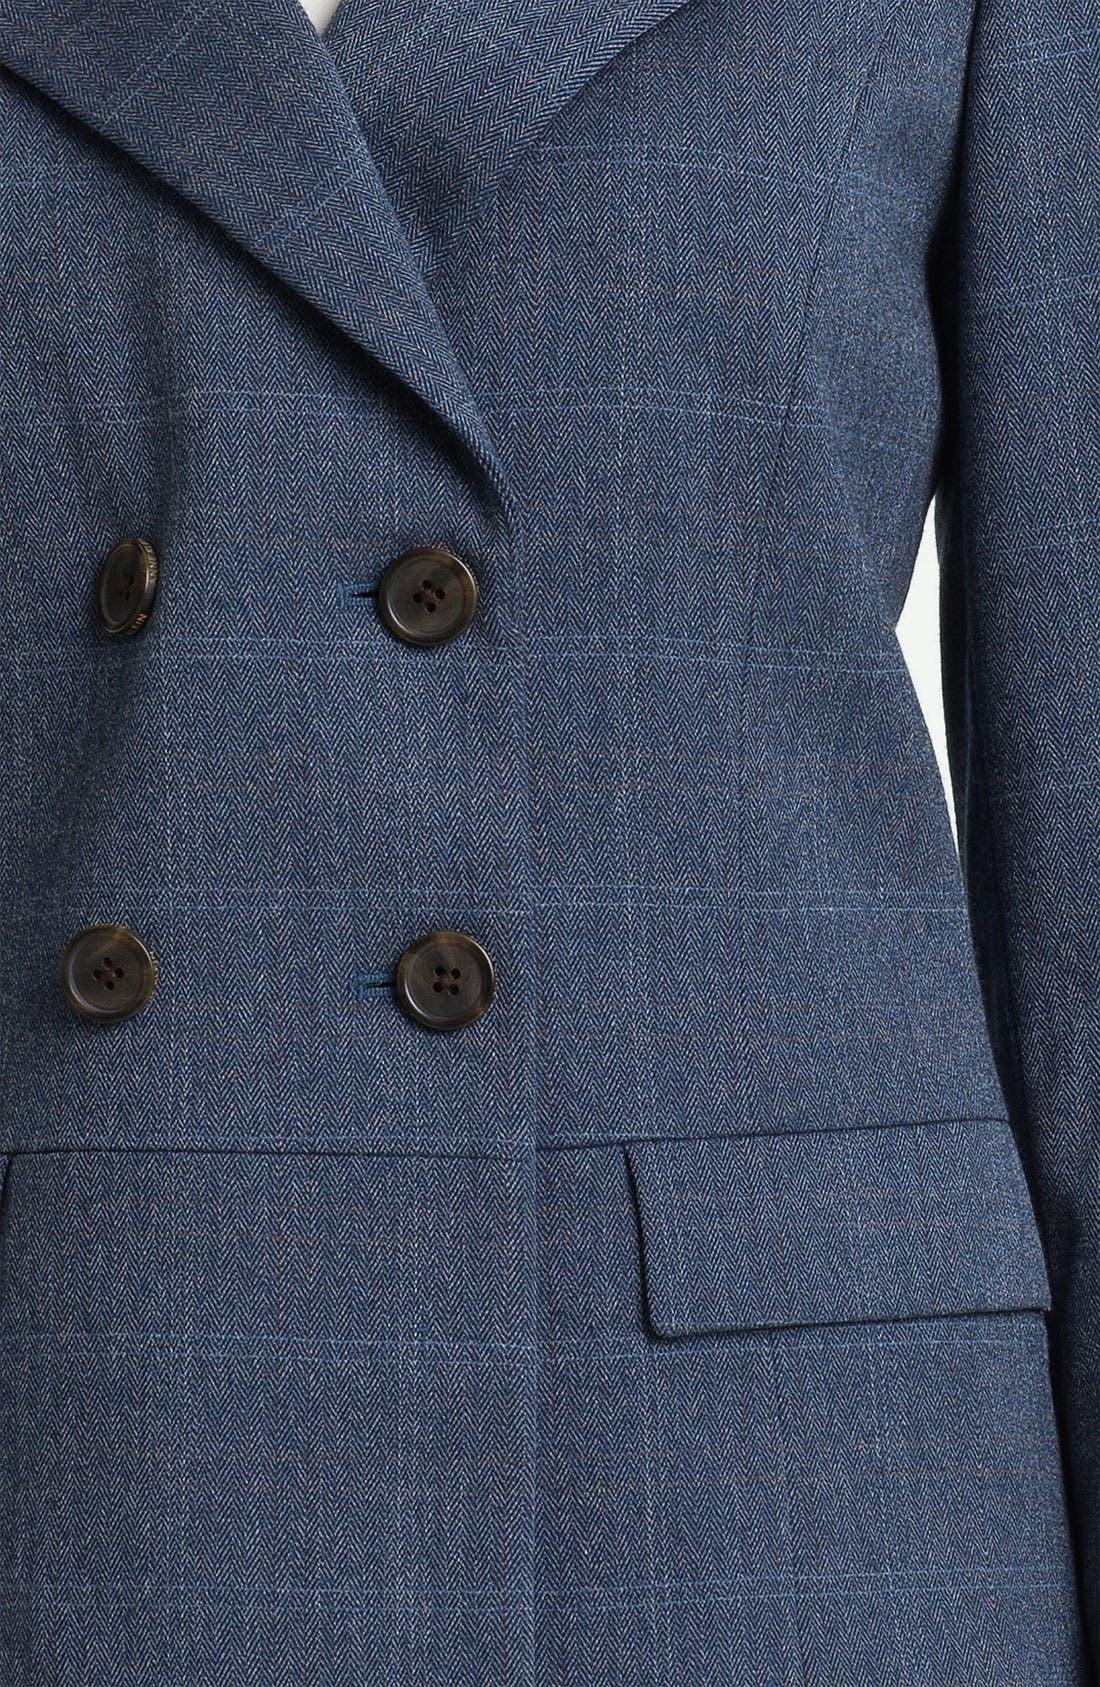 Alternate Image 3  - Anne Klein Patterned Menswear Jacket